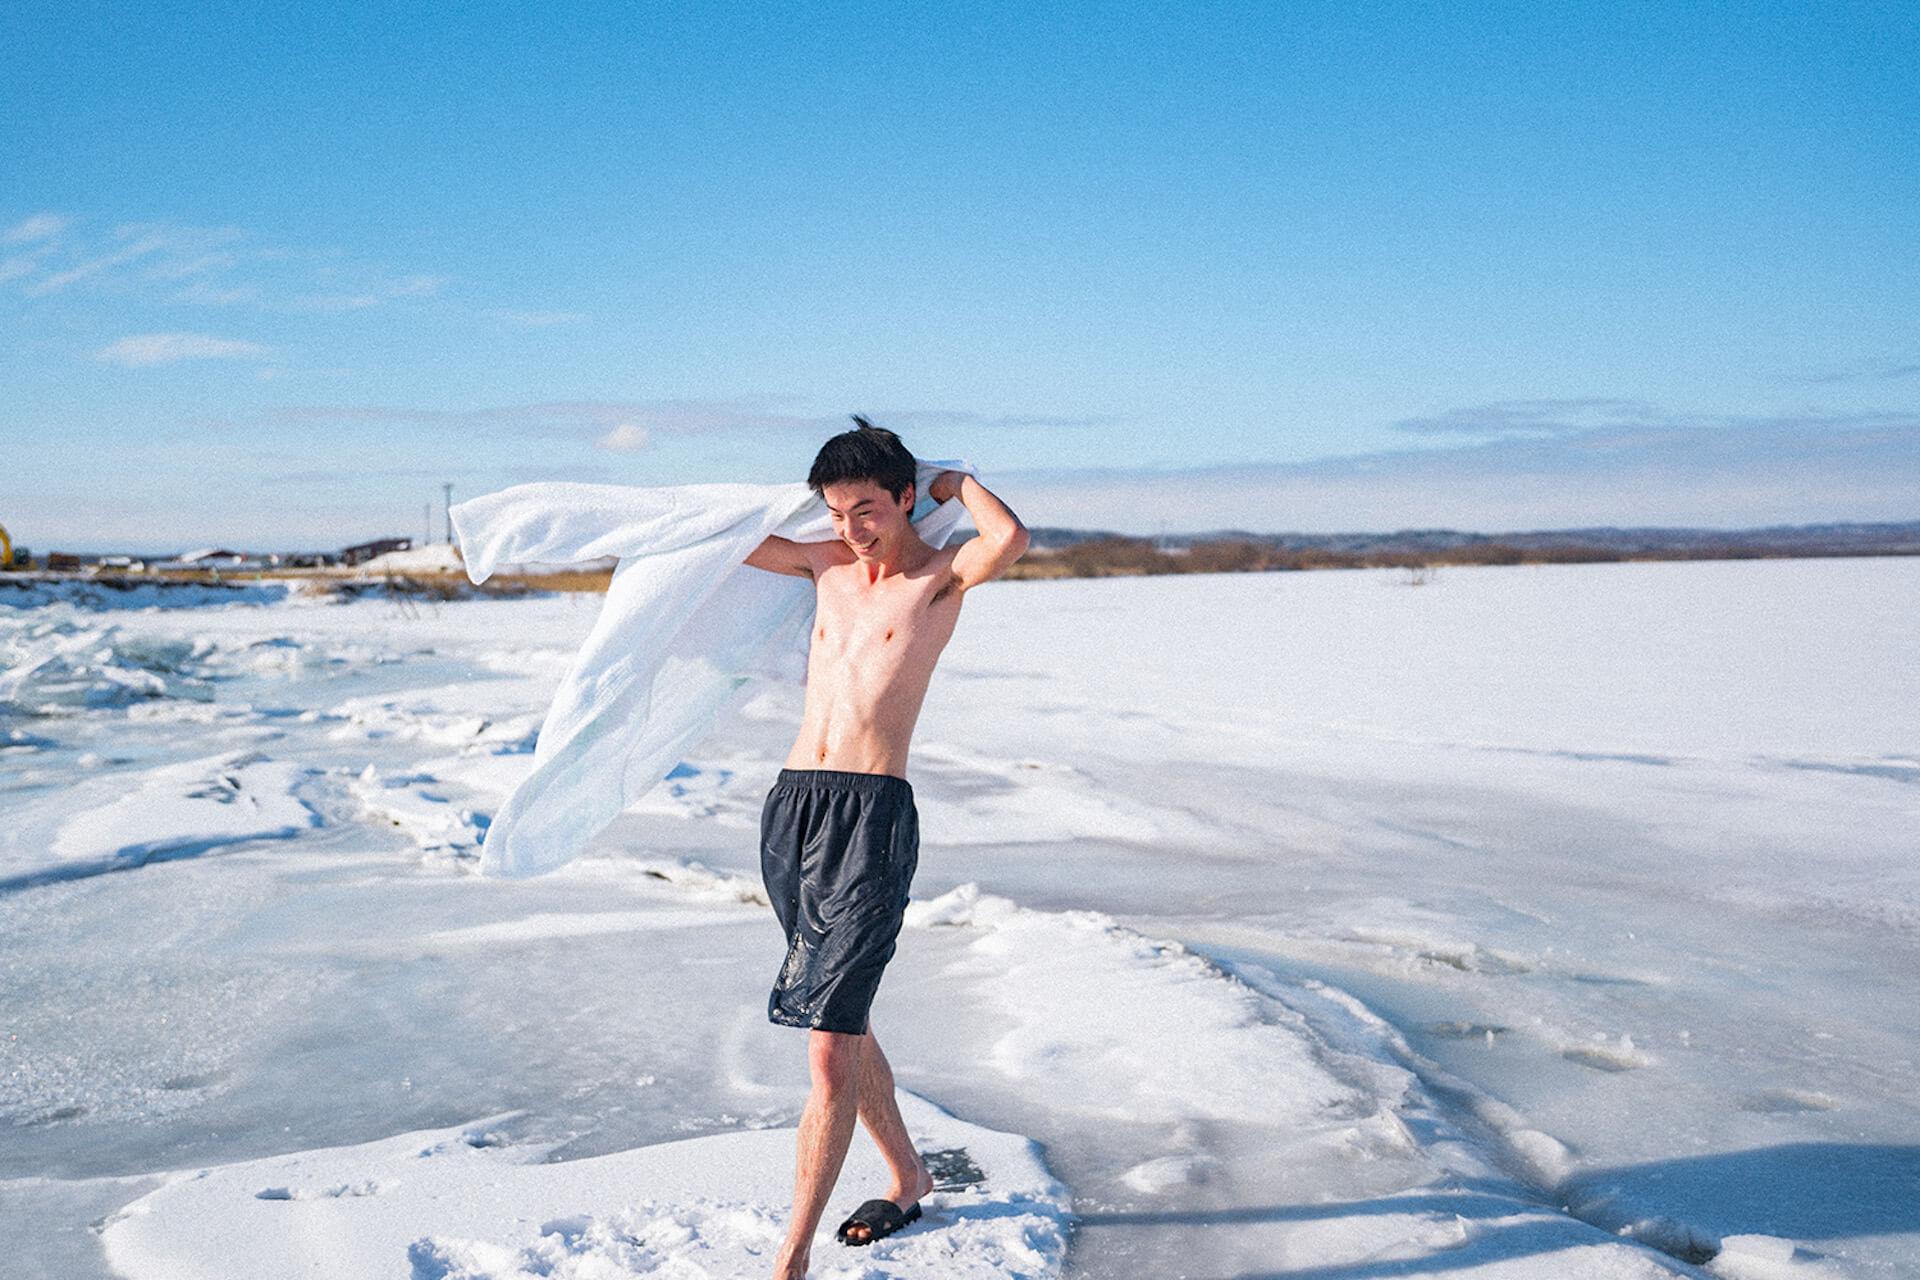 凍った川にできた天然の水風呂でととのおう!アウトドアサウナアクティビティ『十勝アヴァント』の予約受付がスタート life201124_avanto_4